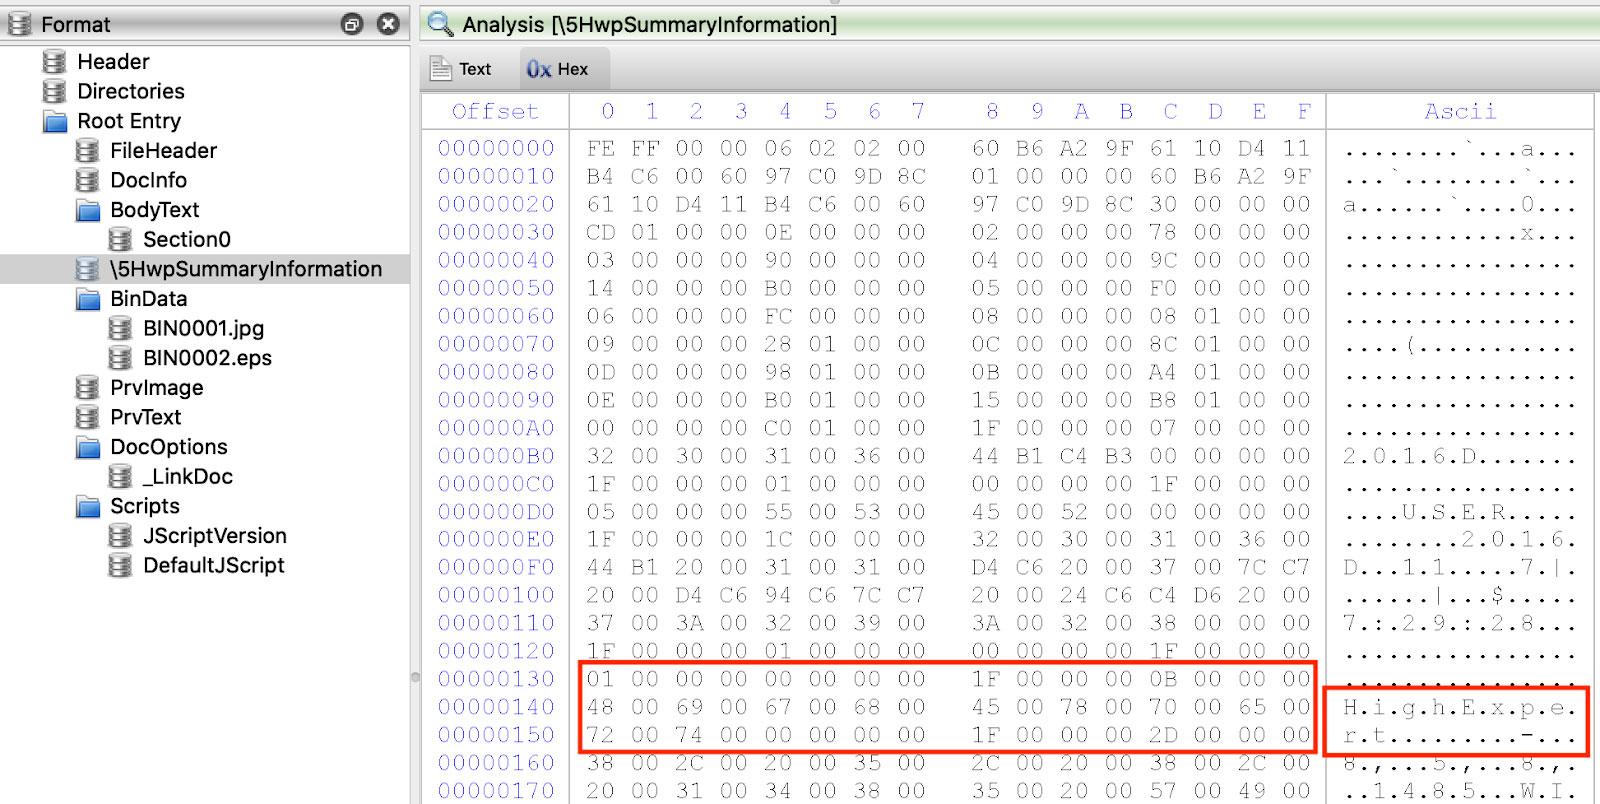 HighExpert String in HwpSummaryInfomation Stream